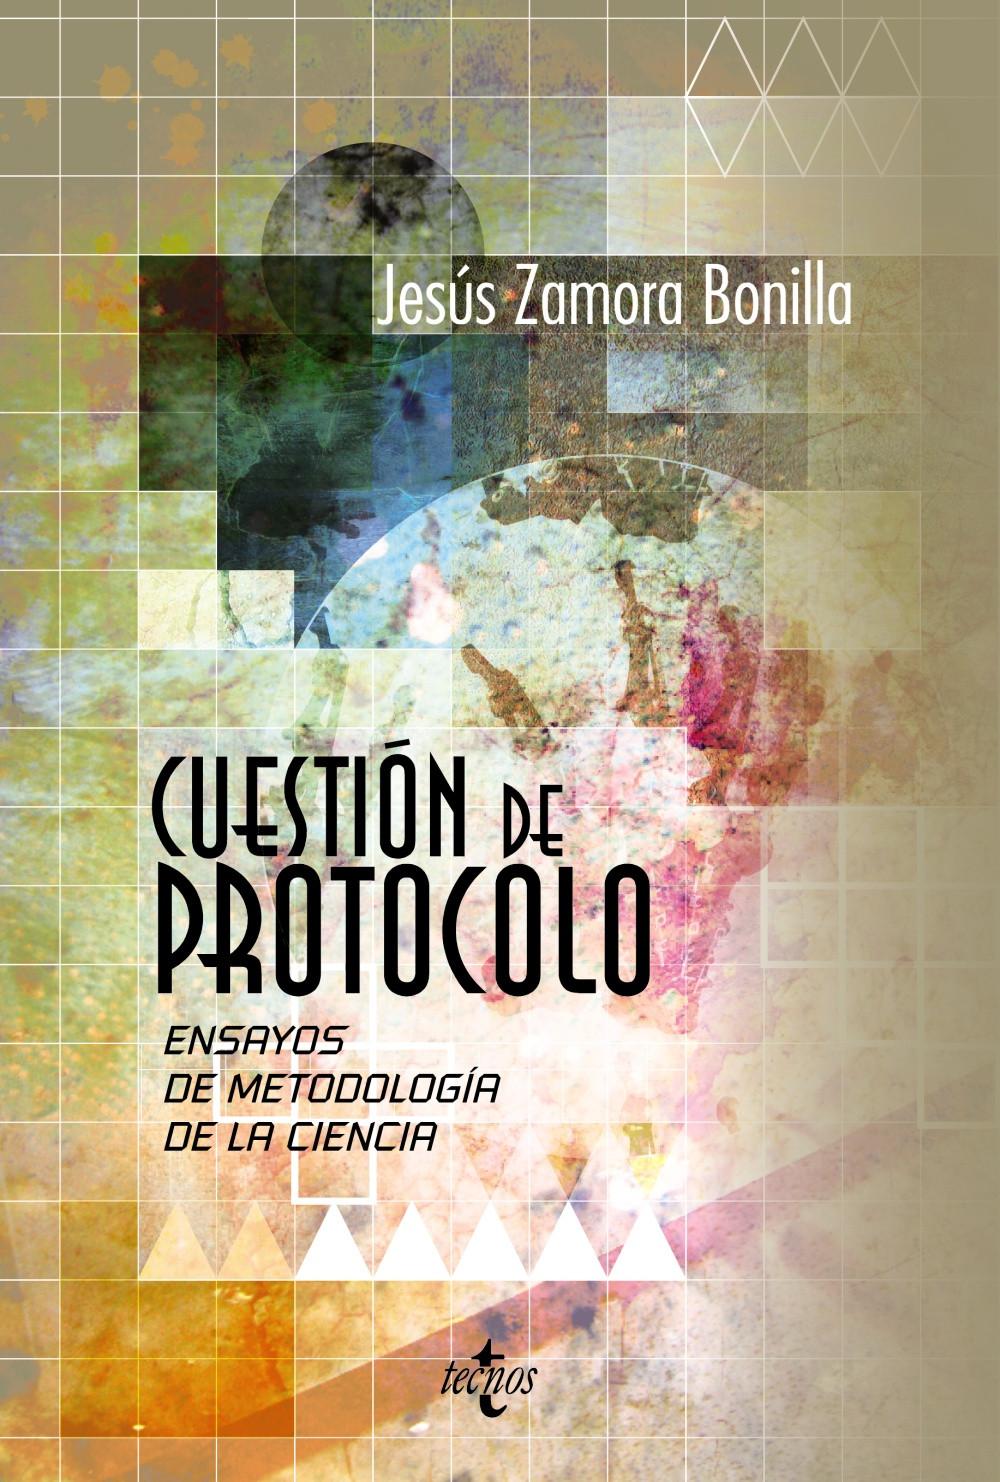 Portada_-_Cuestión_de_Protocolo.jpg